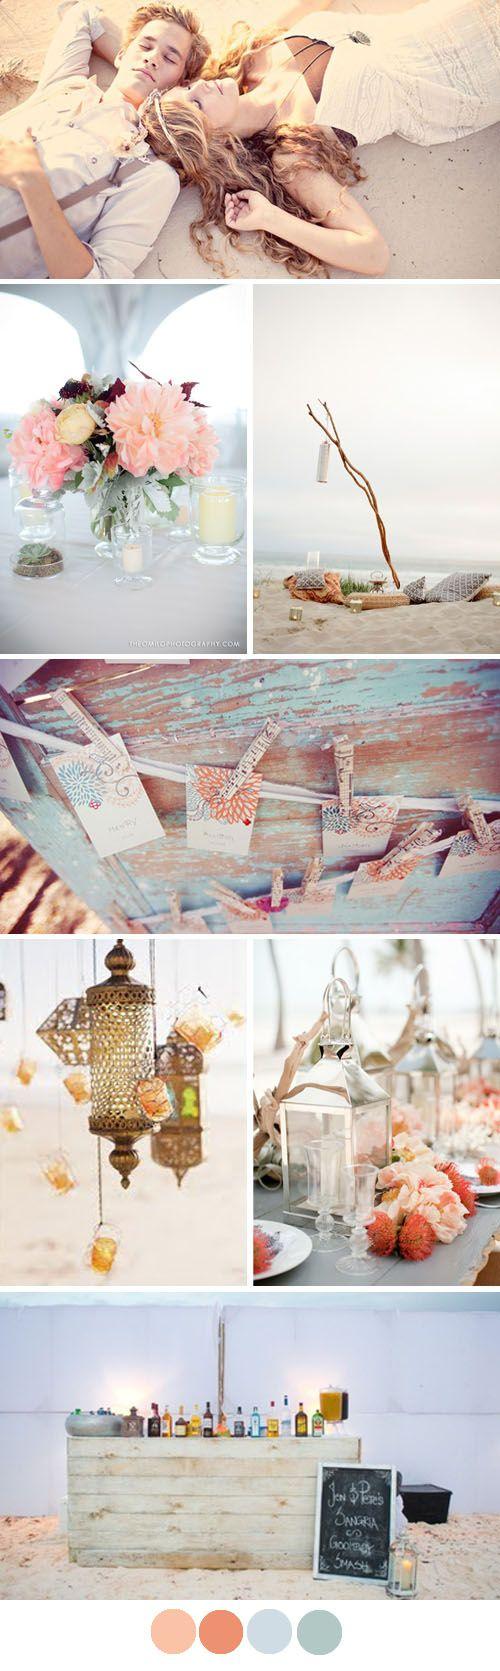 Decoración para una boda muy tierna y romántica